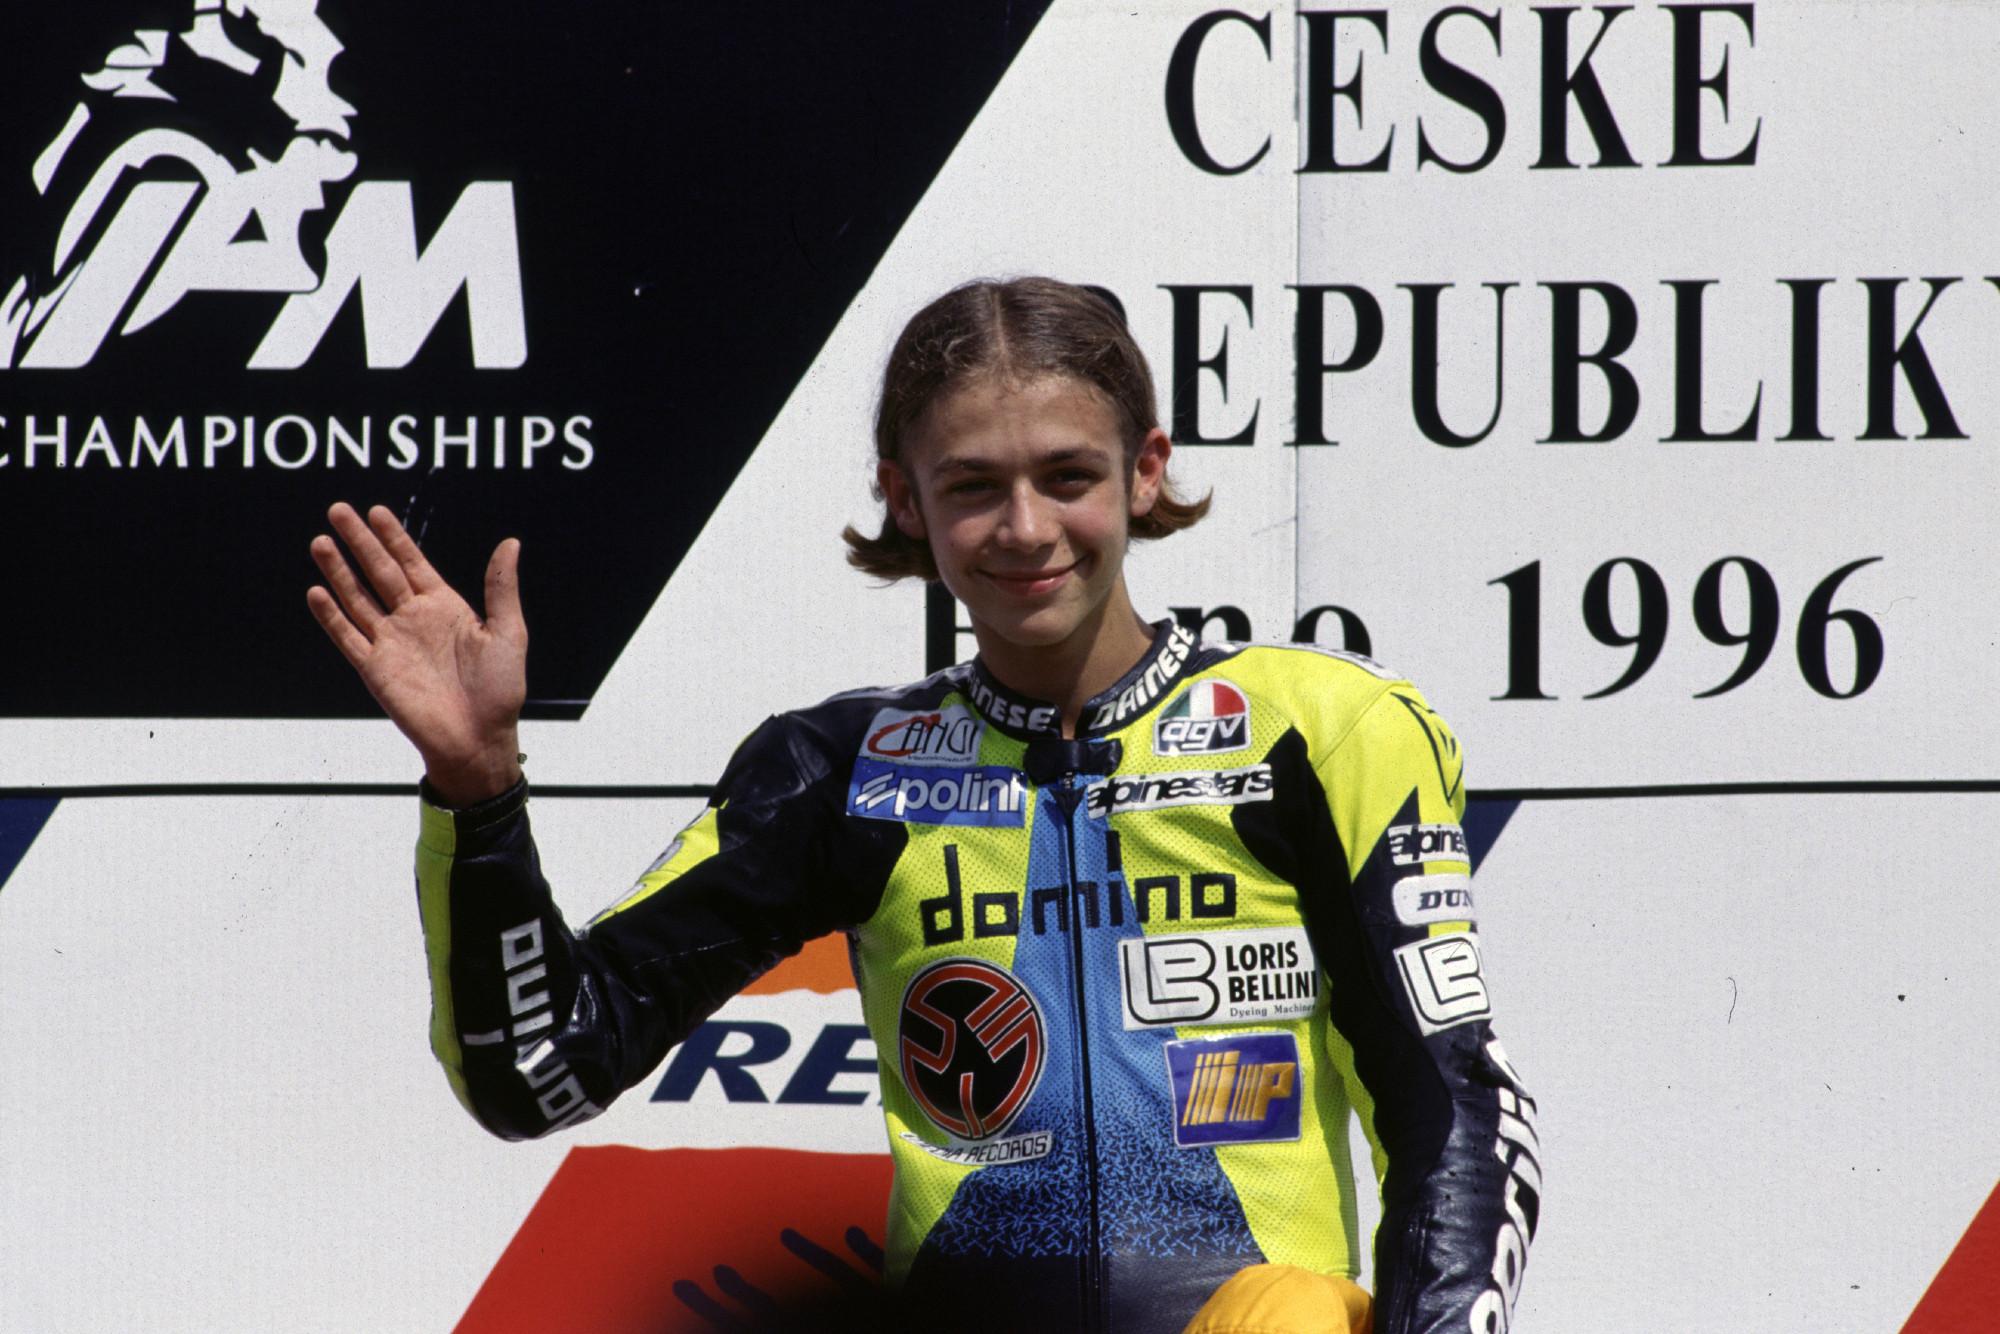 Valentino Rossi celebrates his first win